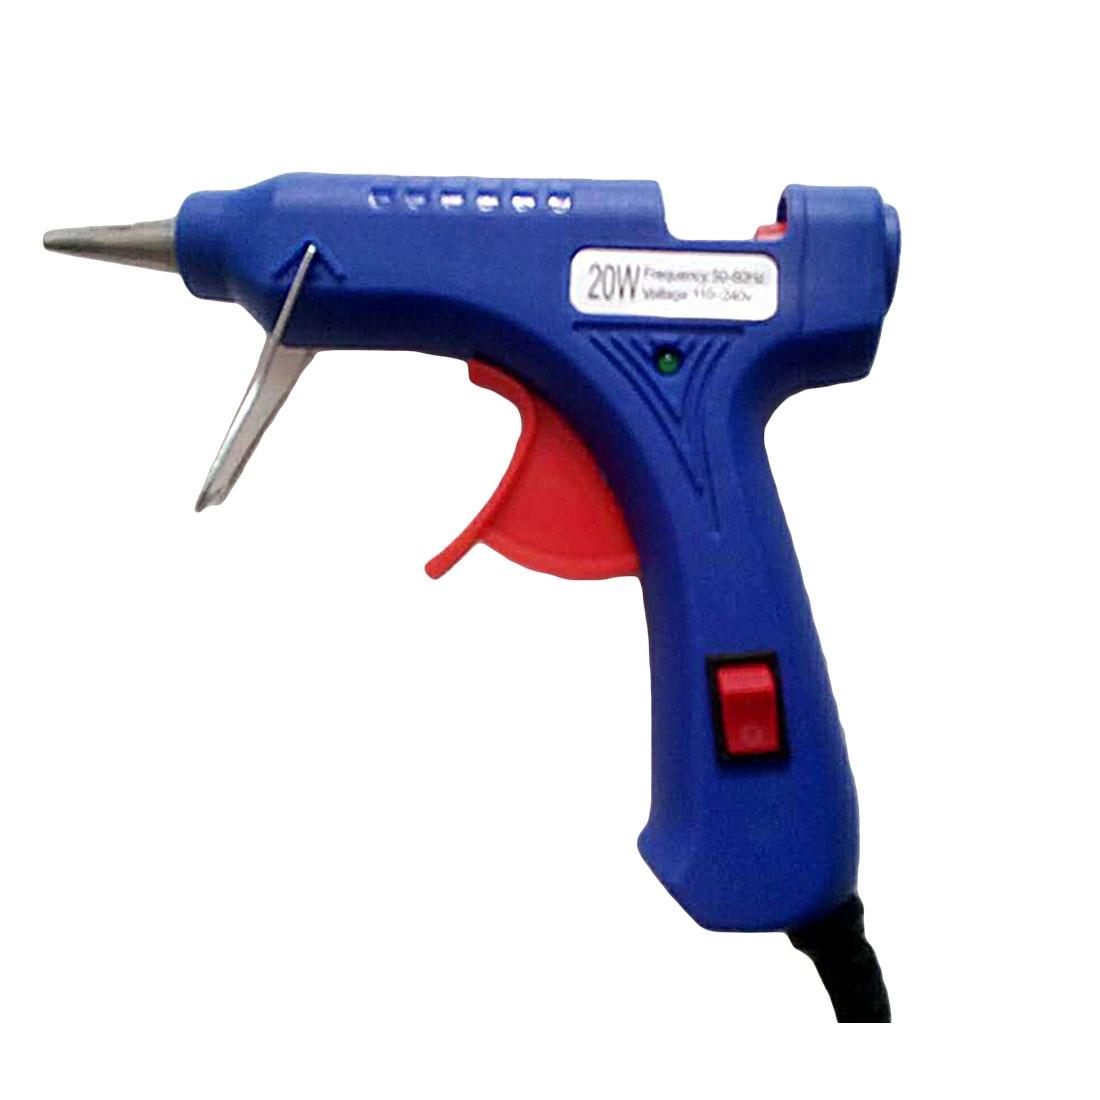 20 Вт ЕС Plug синий клей пистолет промышленные мини пистолеты термо Электрический Gluegun тепла температура инструмент прививок ремонт